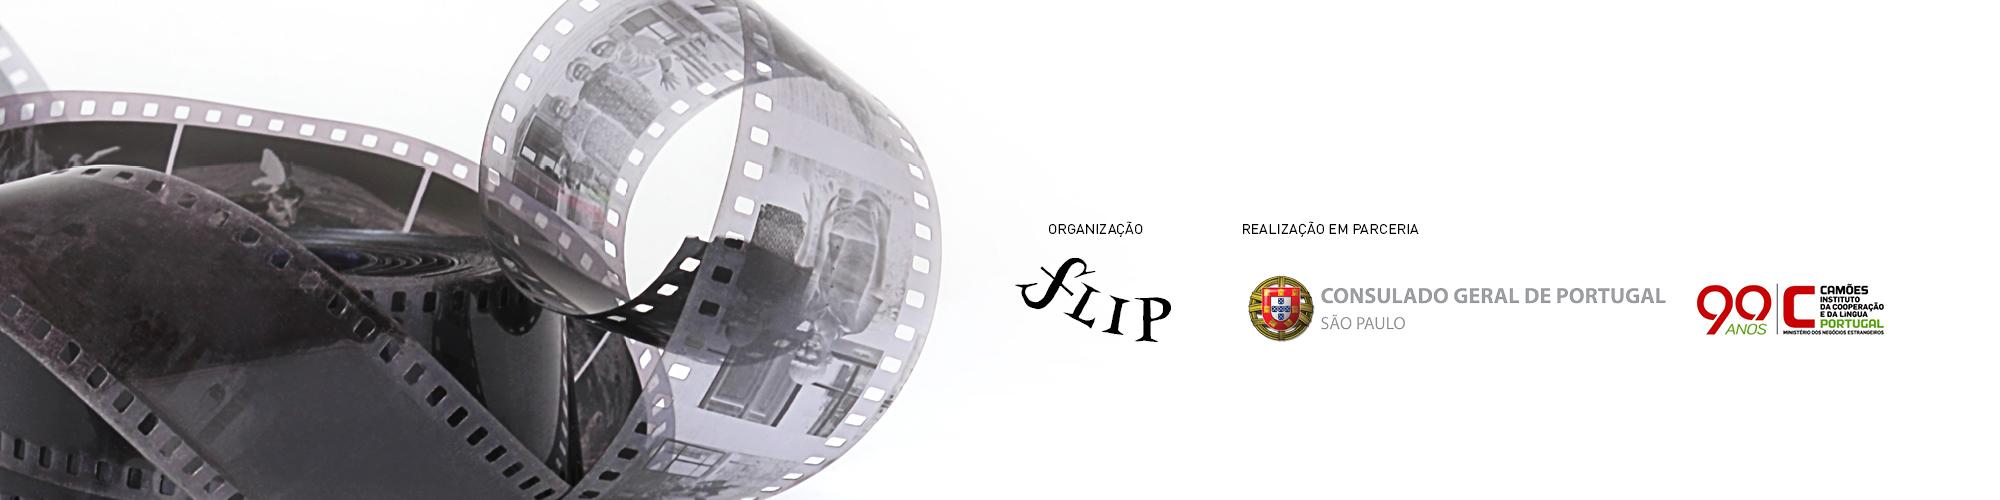 Pós-Flip: Unibes Cultural recebe cineasta Miguel Gomes eatriz Camila Mota